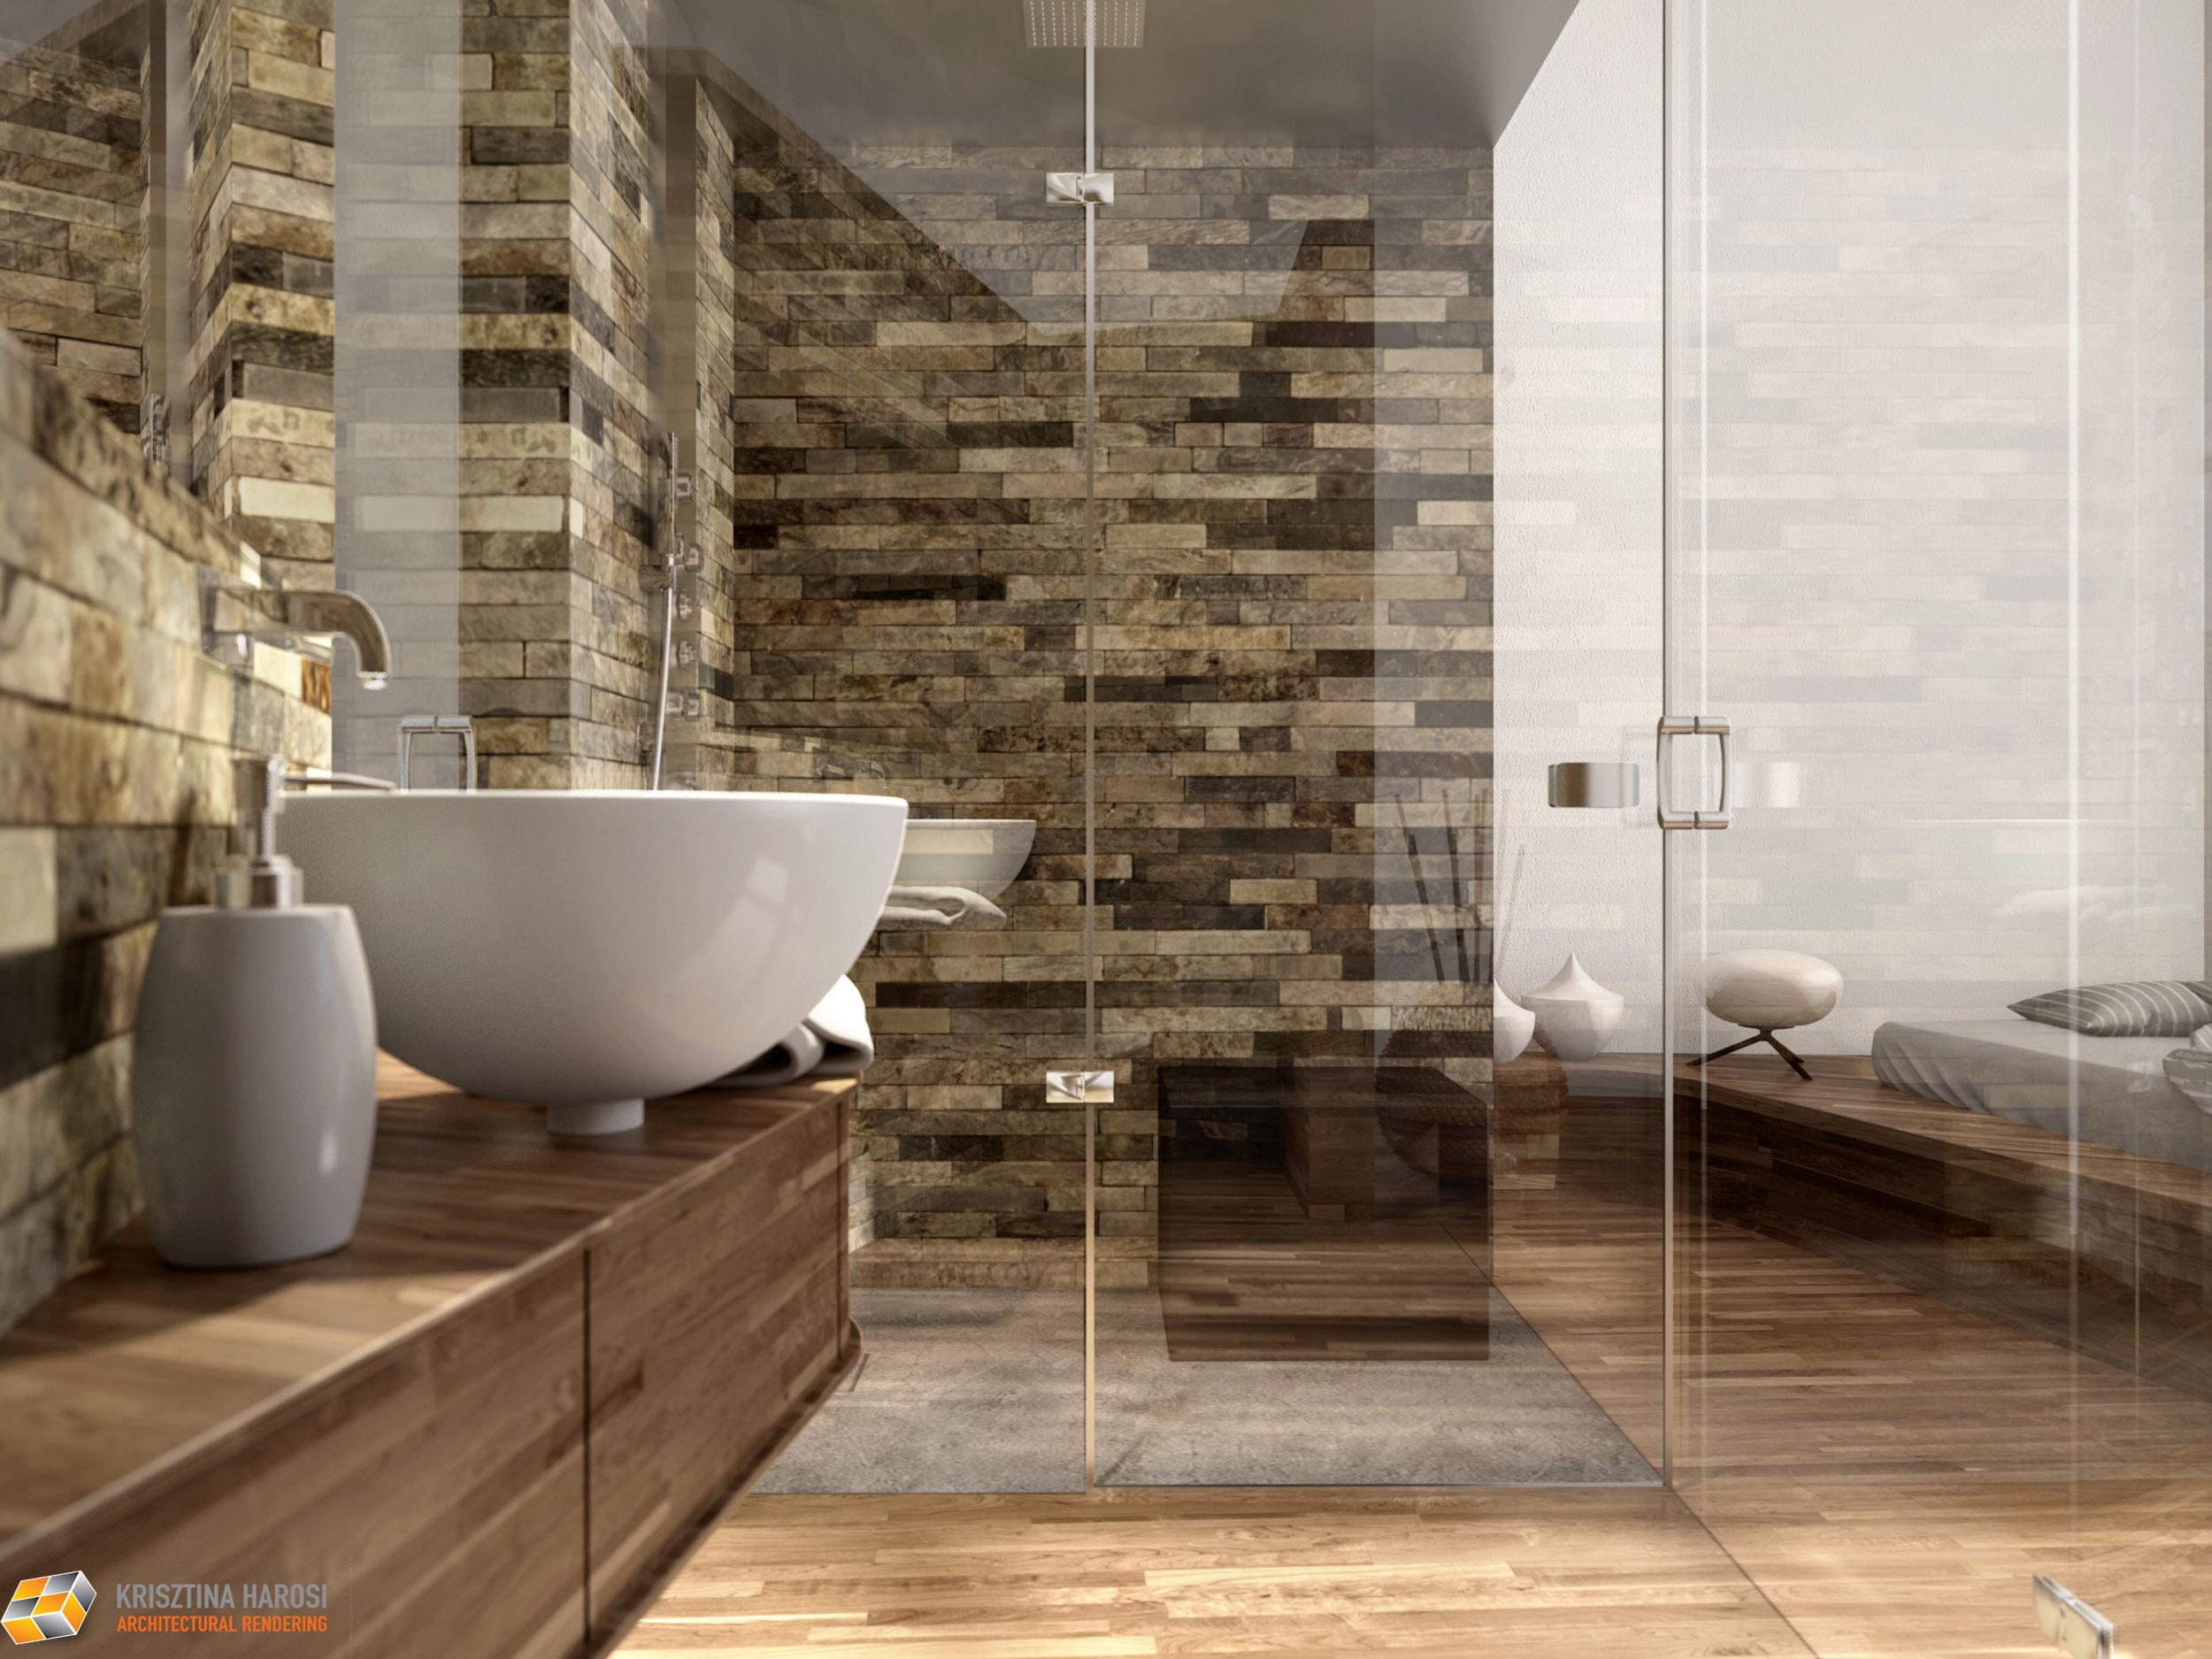 Bagno In Pietra Di Luserna : Bagni in pietra cool bagni in pietra with bagni in pietra